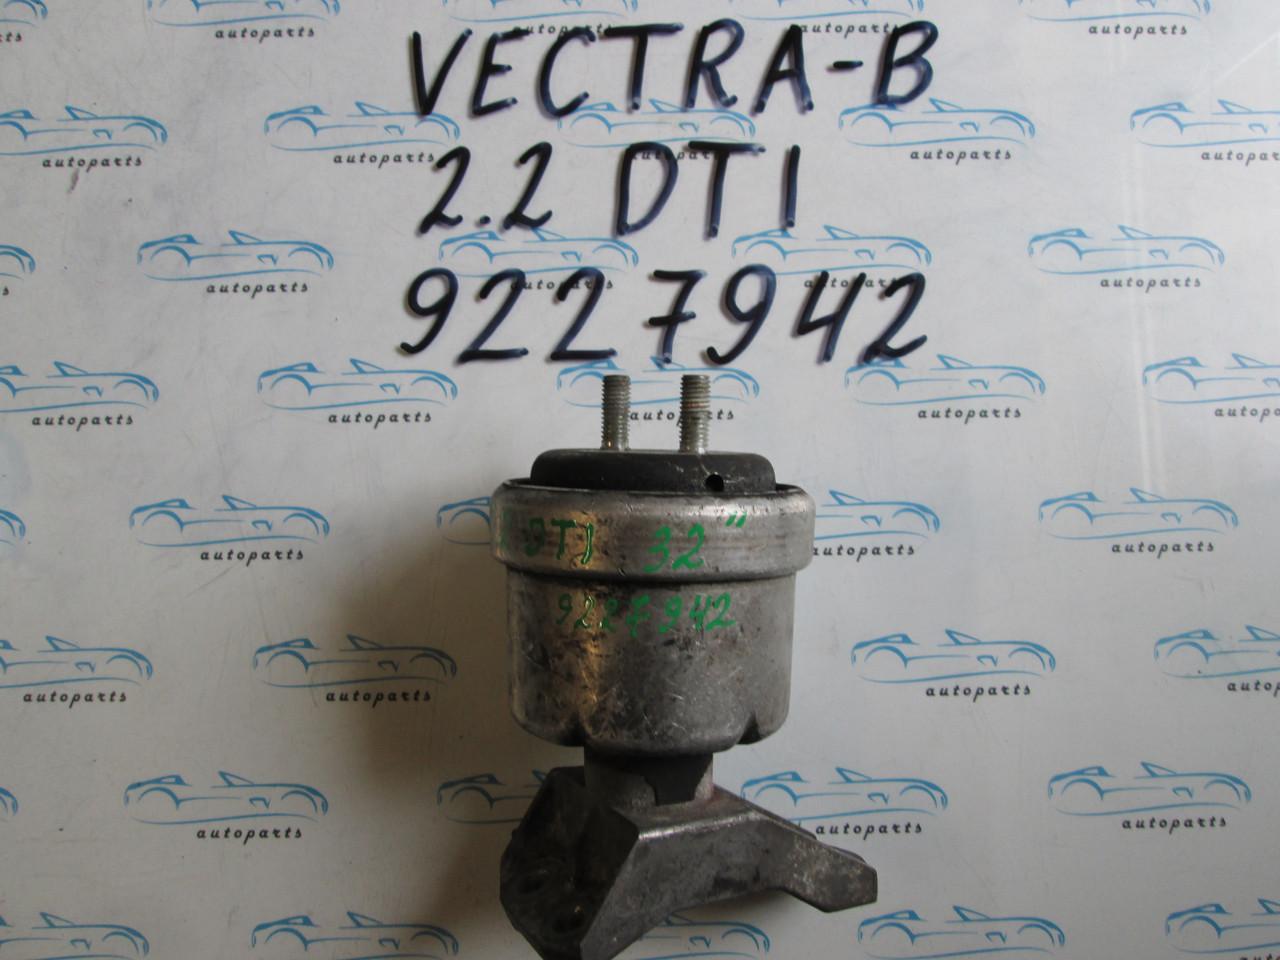 Подушка двигателя правая Vectra B 2.0D, 2.2D, 9227942